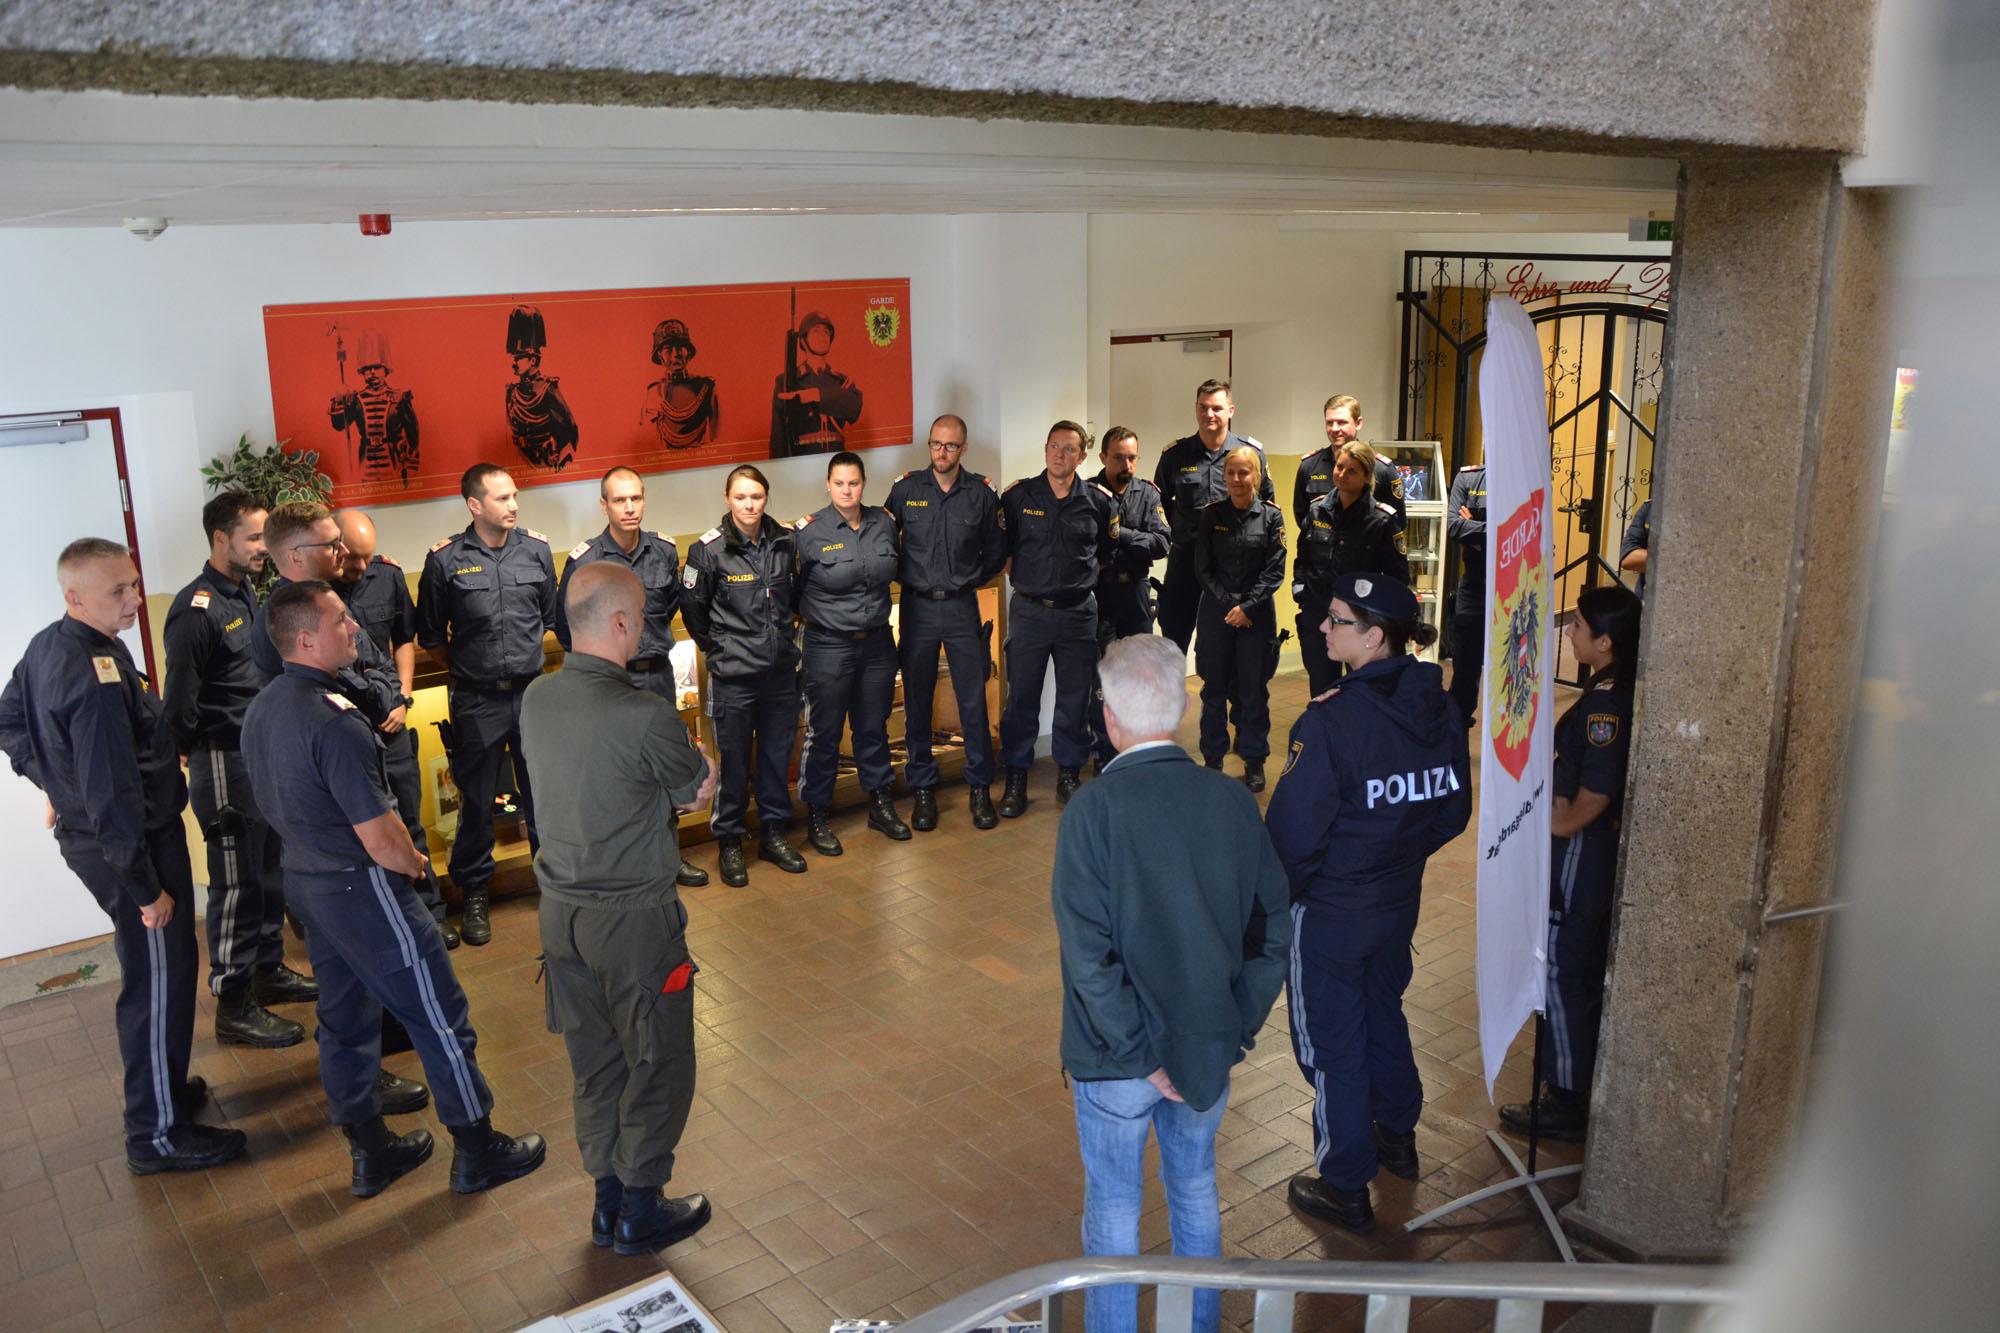 2019_09_19_Garde_Polizei_Traditionsraum-Offiziersanwärter_001